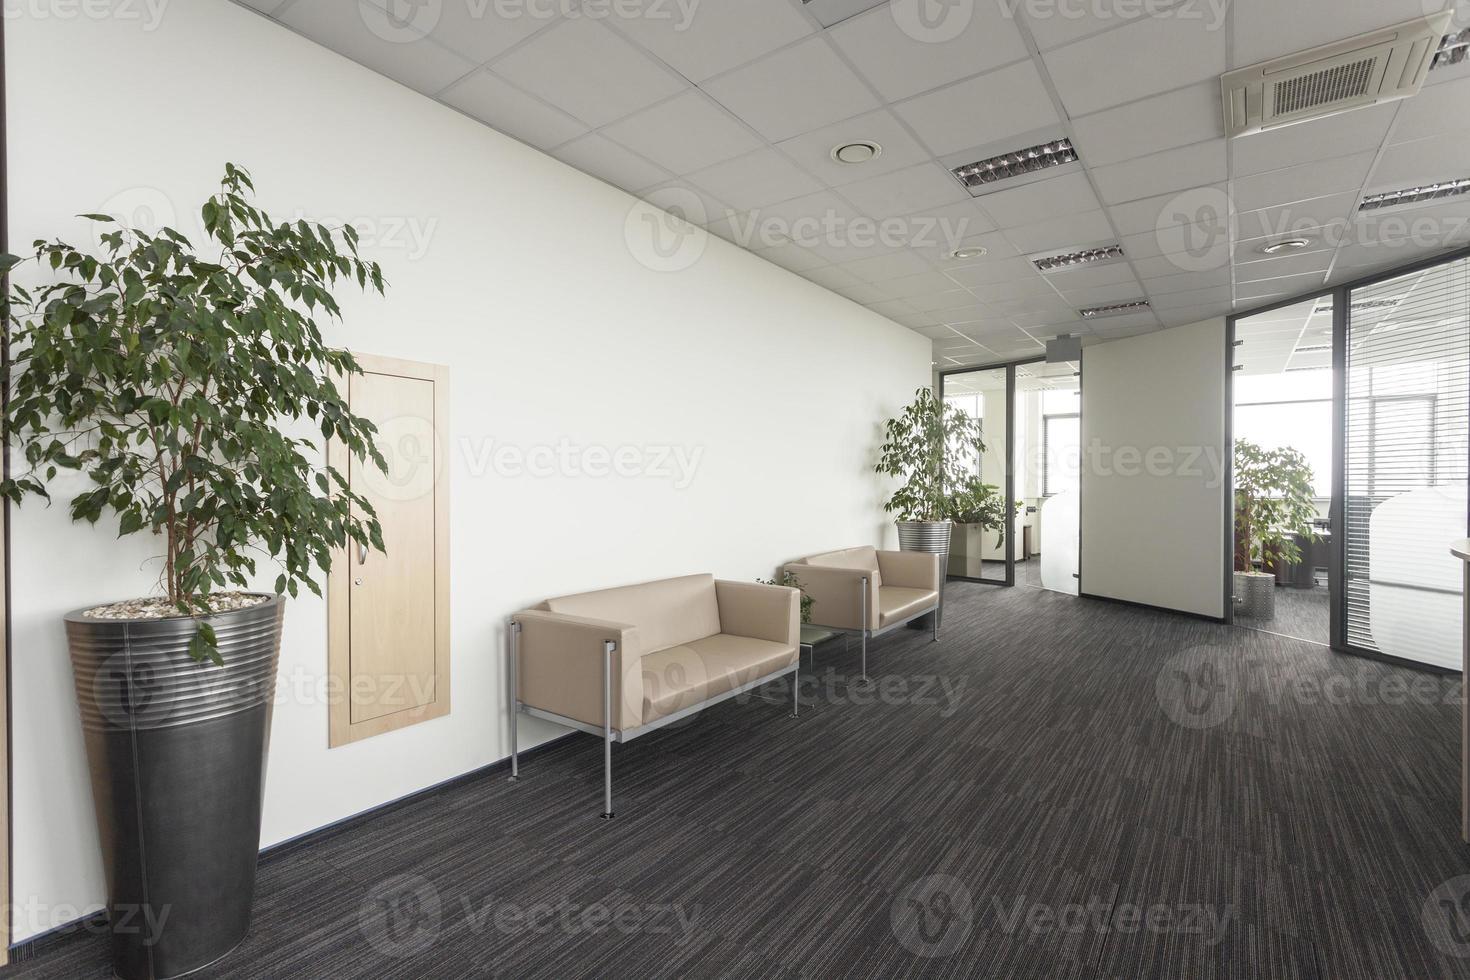 una grande area ufficio con interni dal design moderno e divani foto